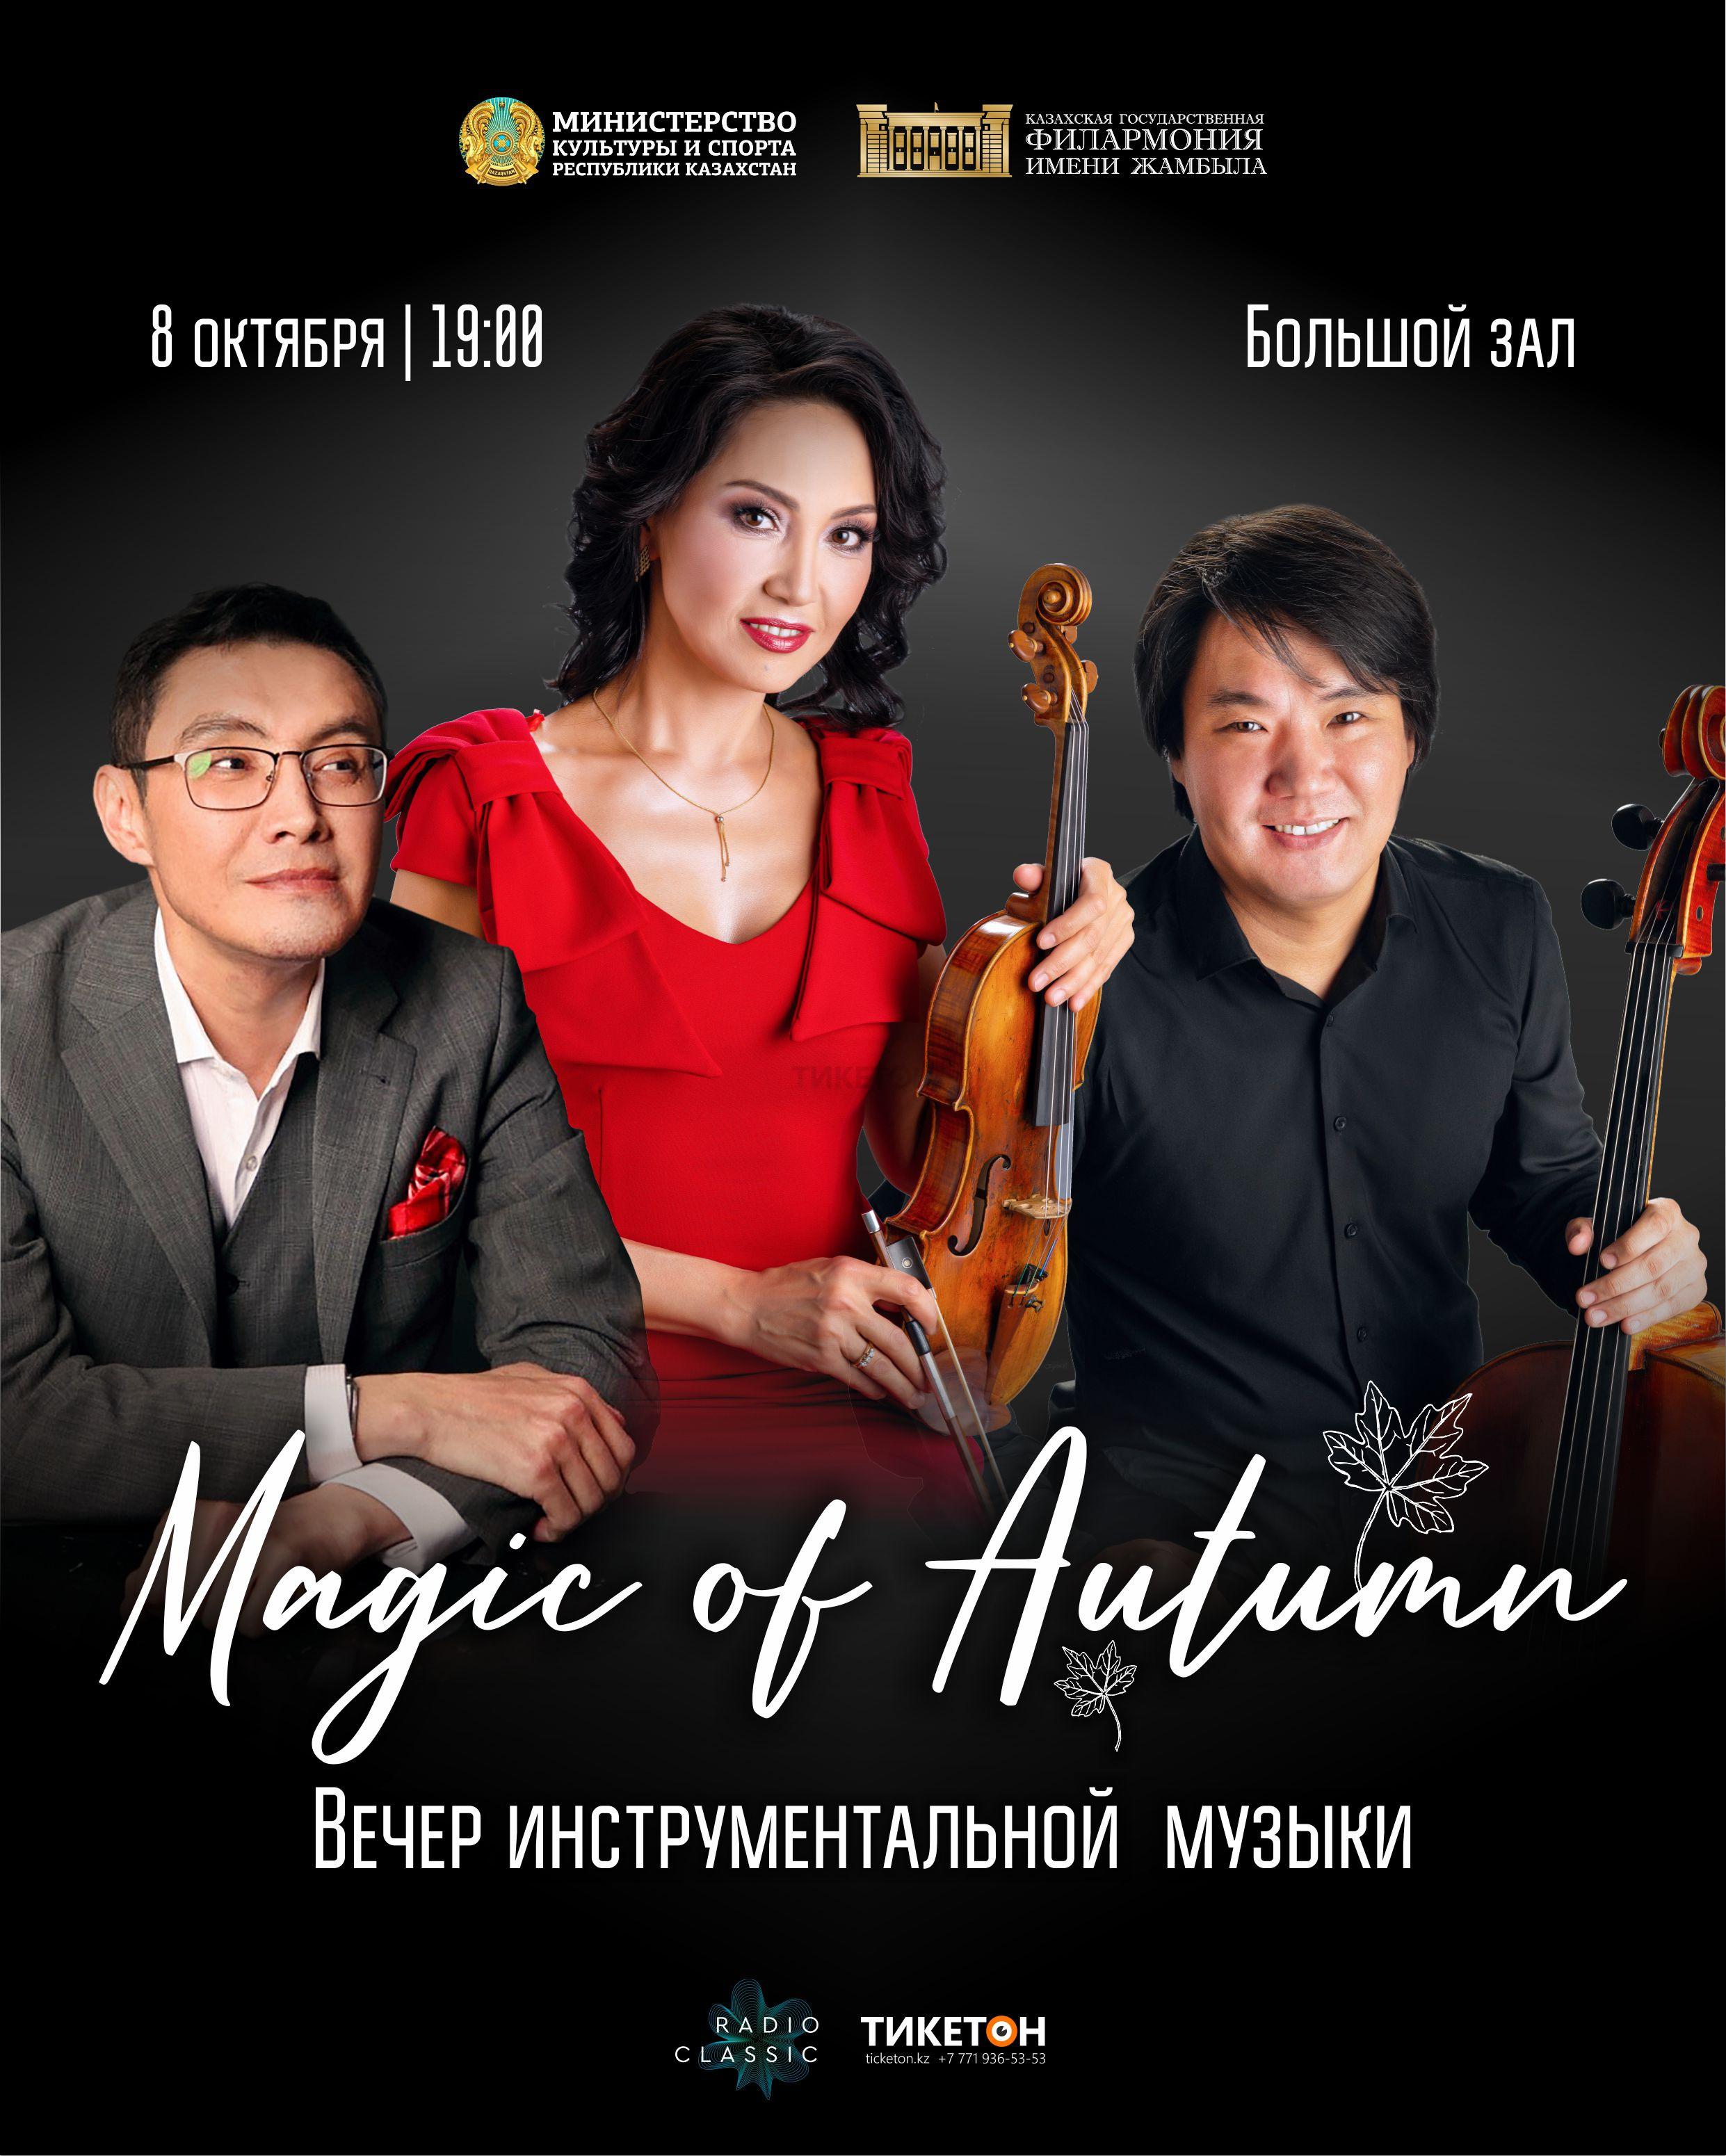 Вечер инструментальной музыки/Казахская государственная филармония им. Жамбыла